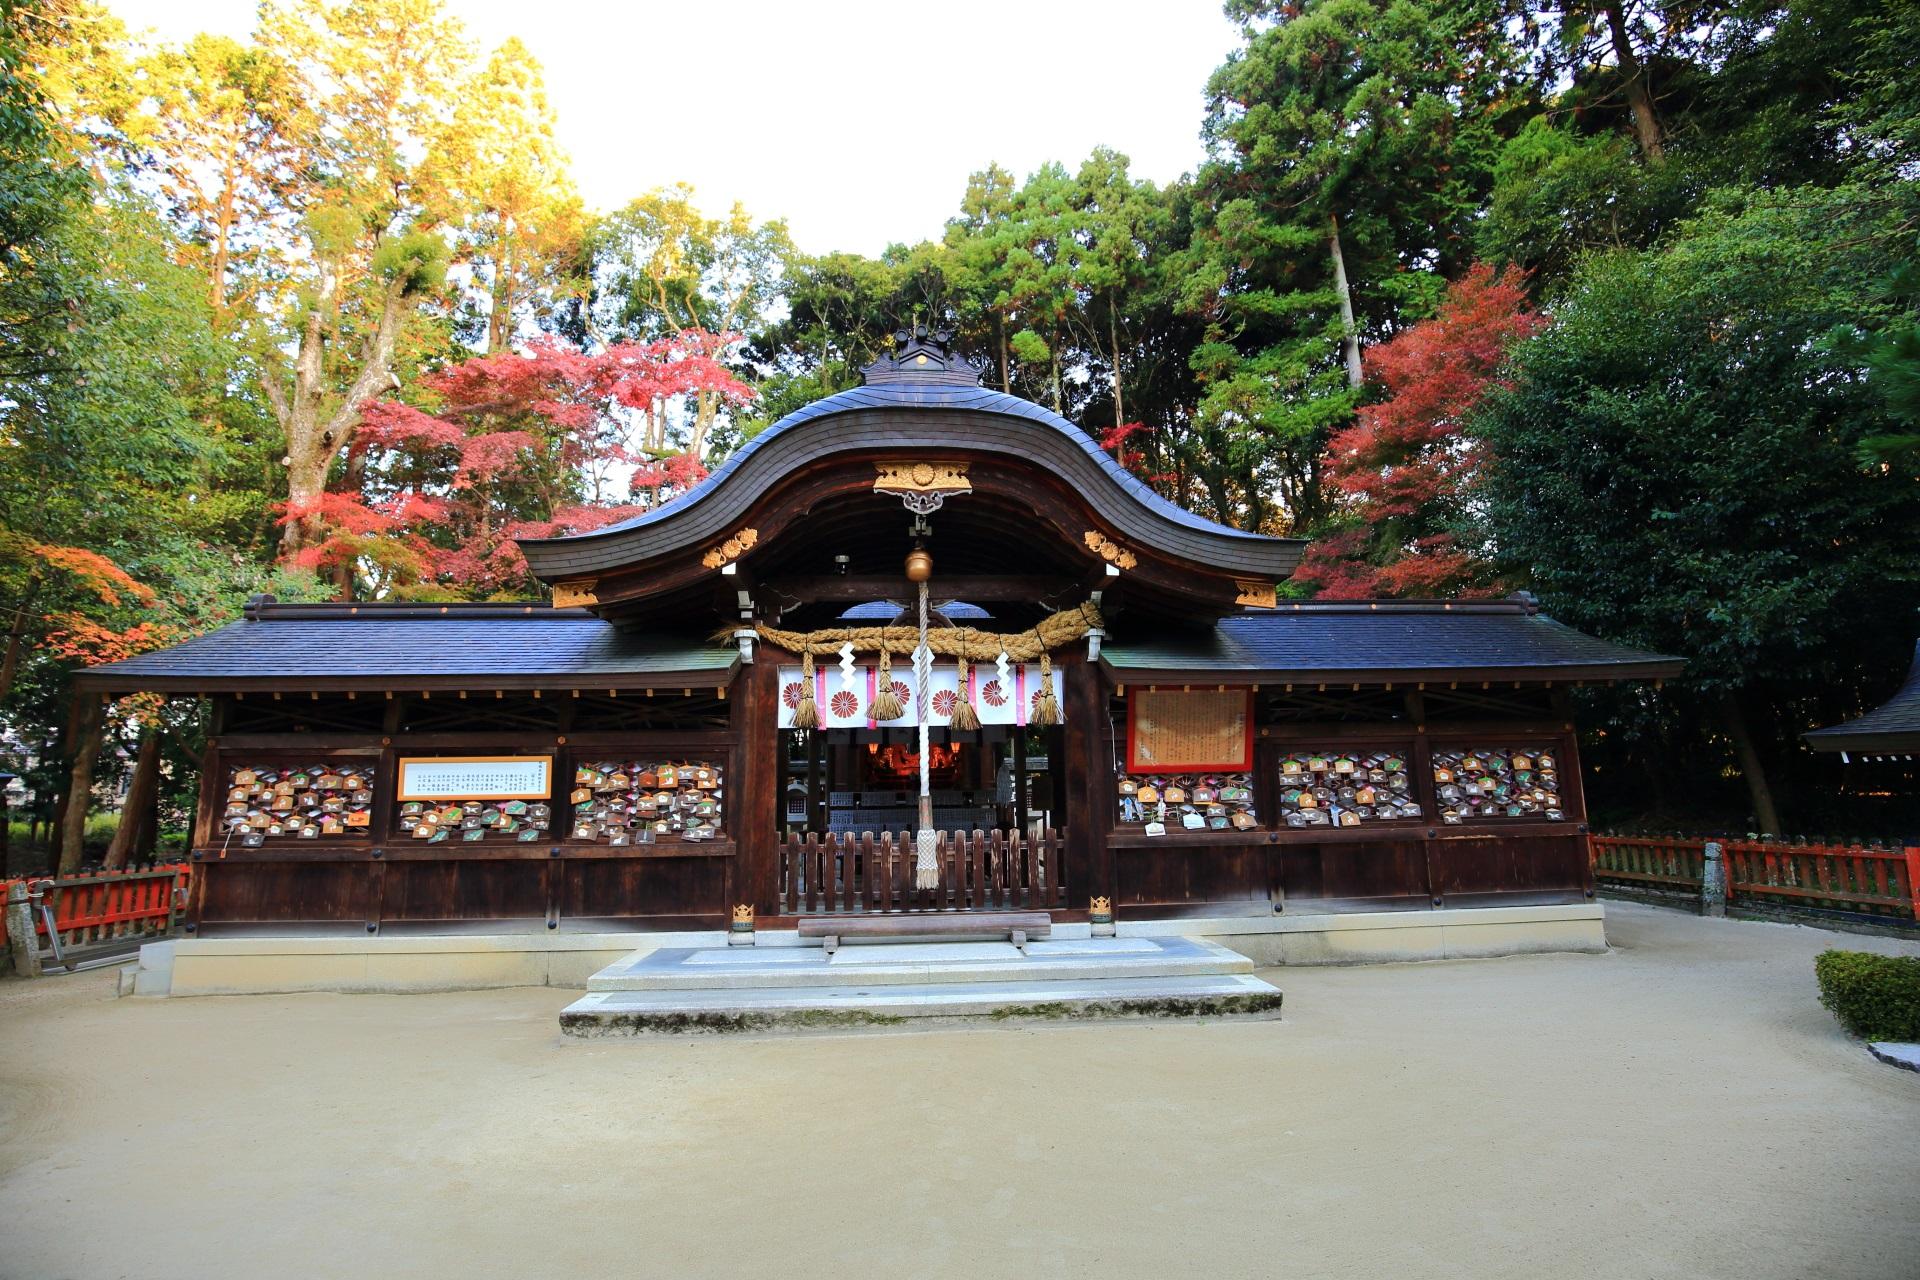 鷺森神社の本殿と後ろで色づく紅葉